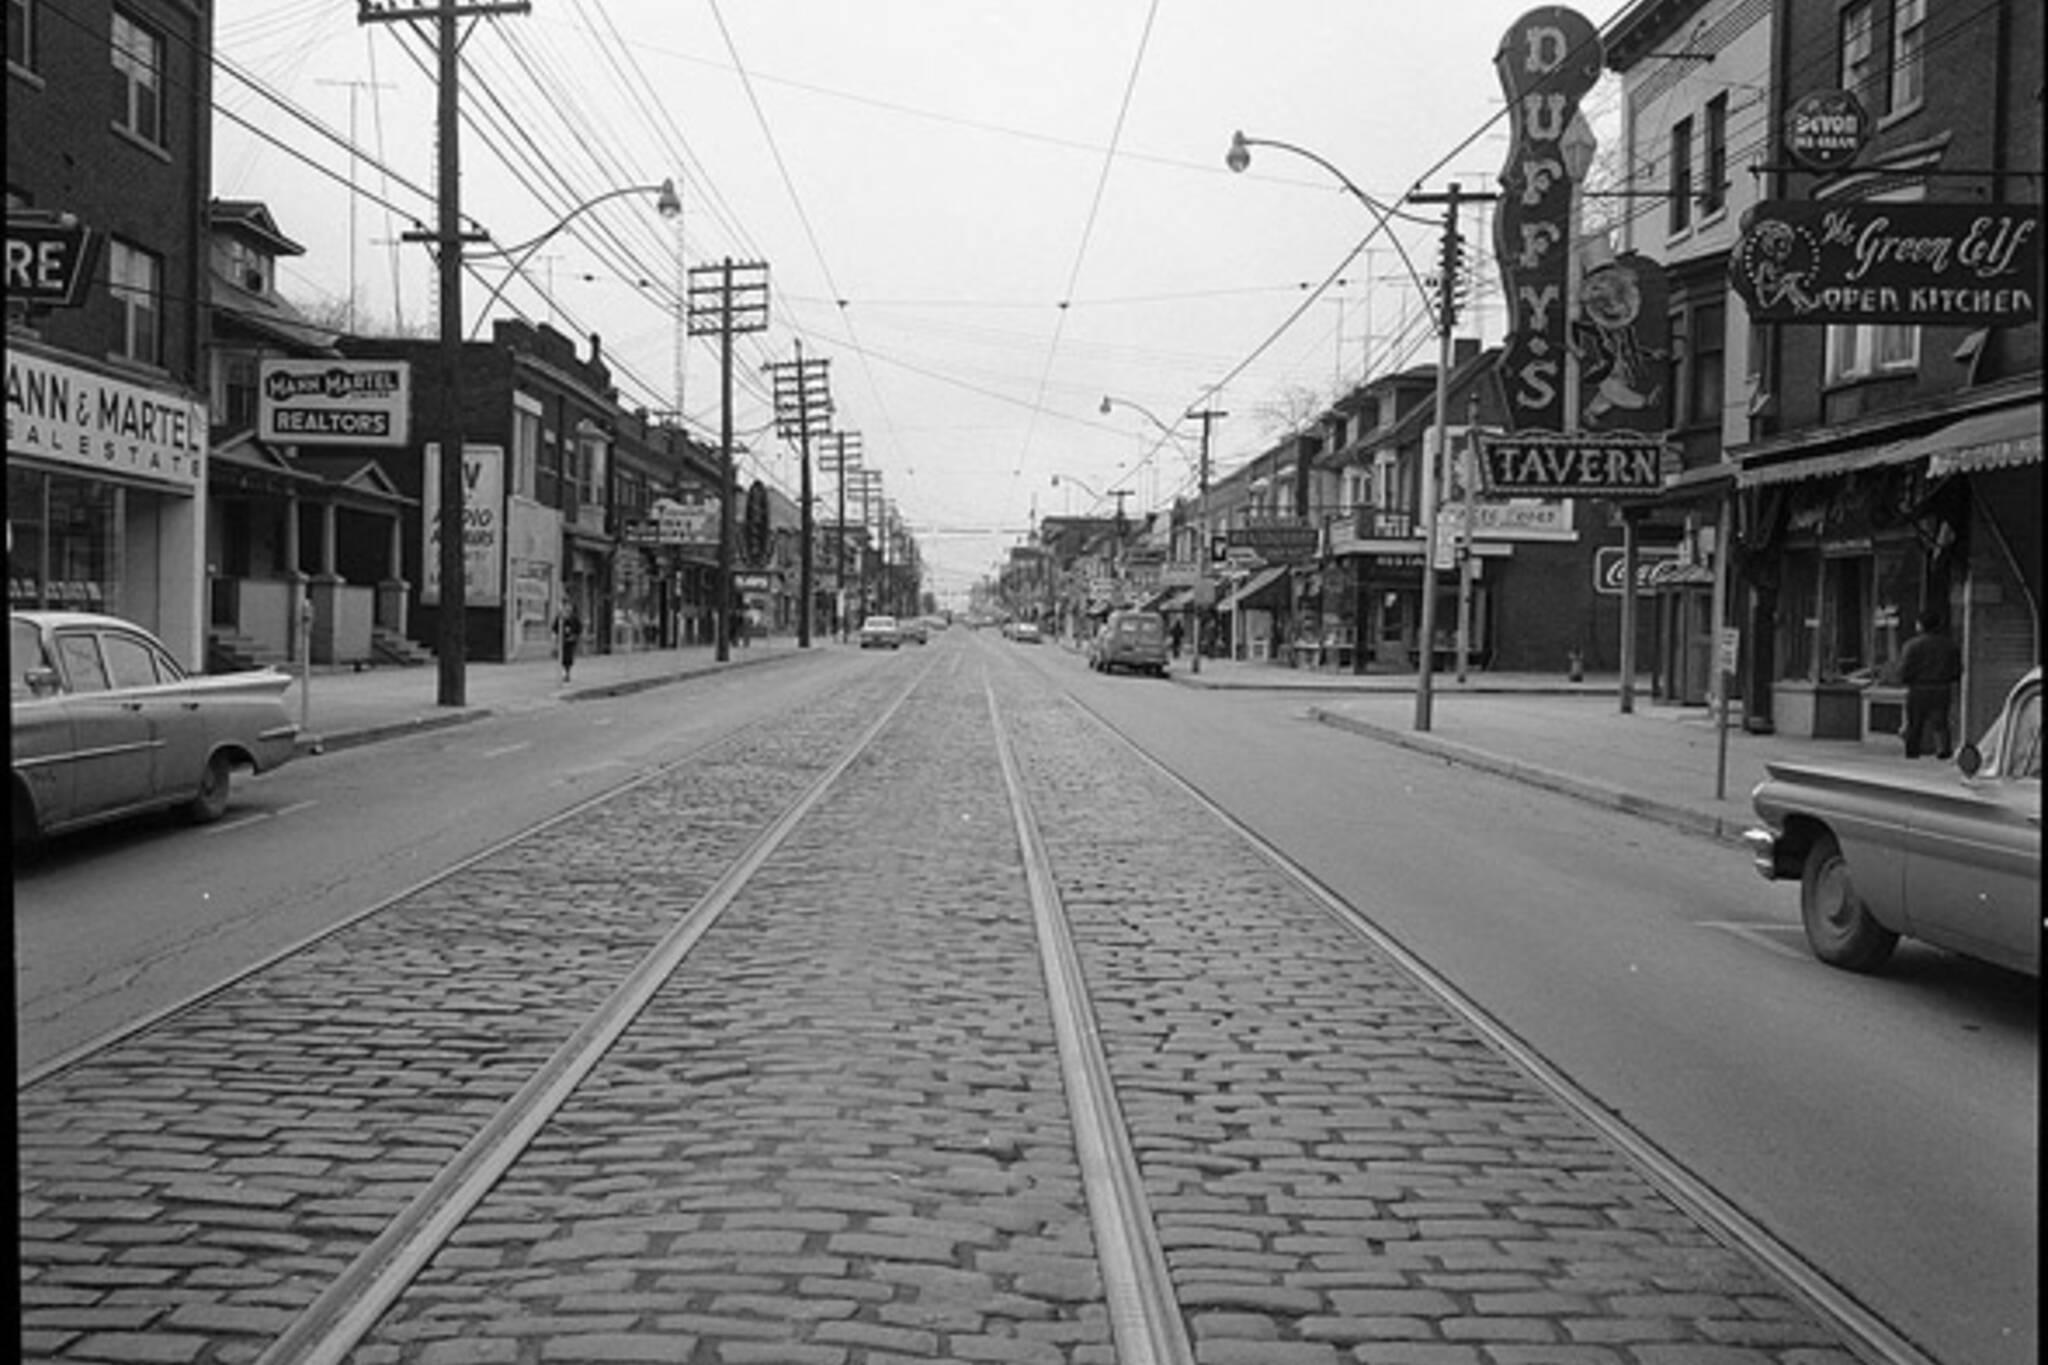 Bloor Street History Toronto